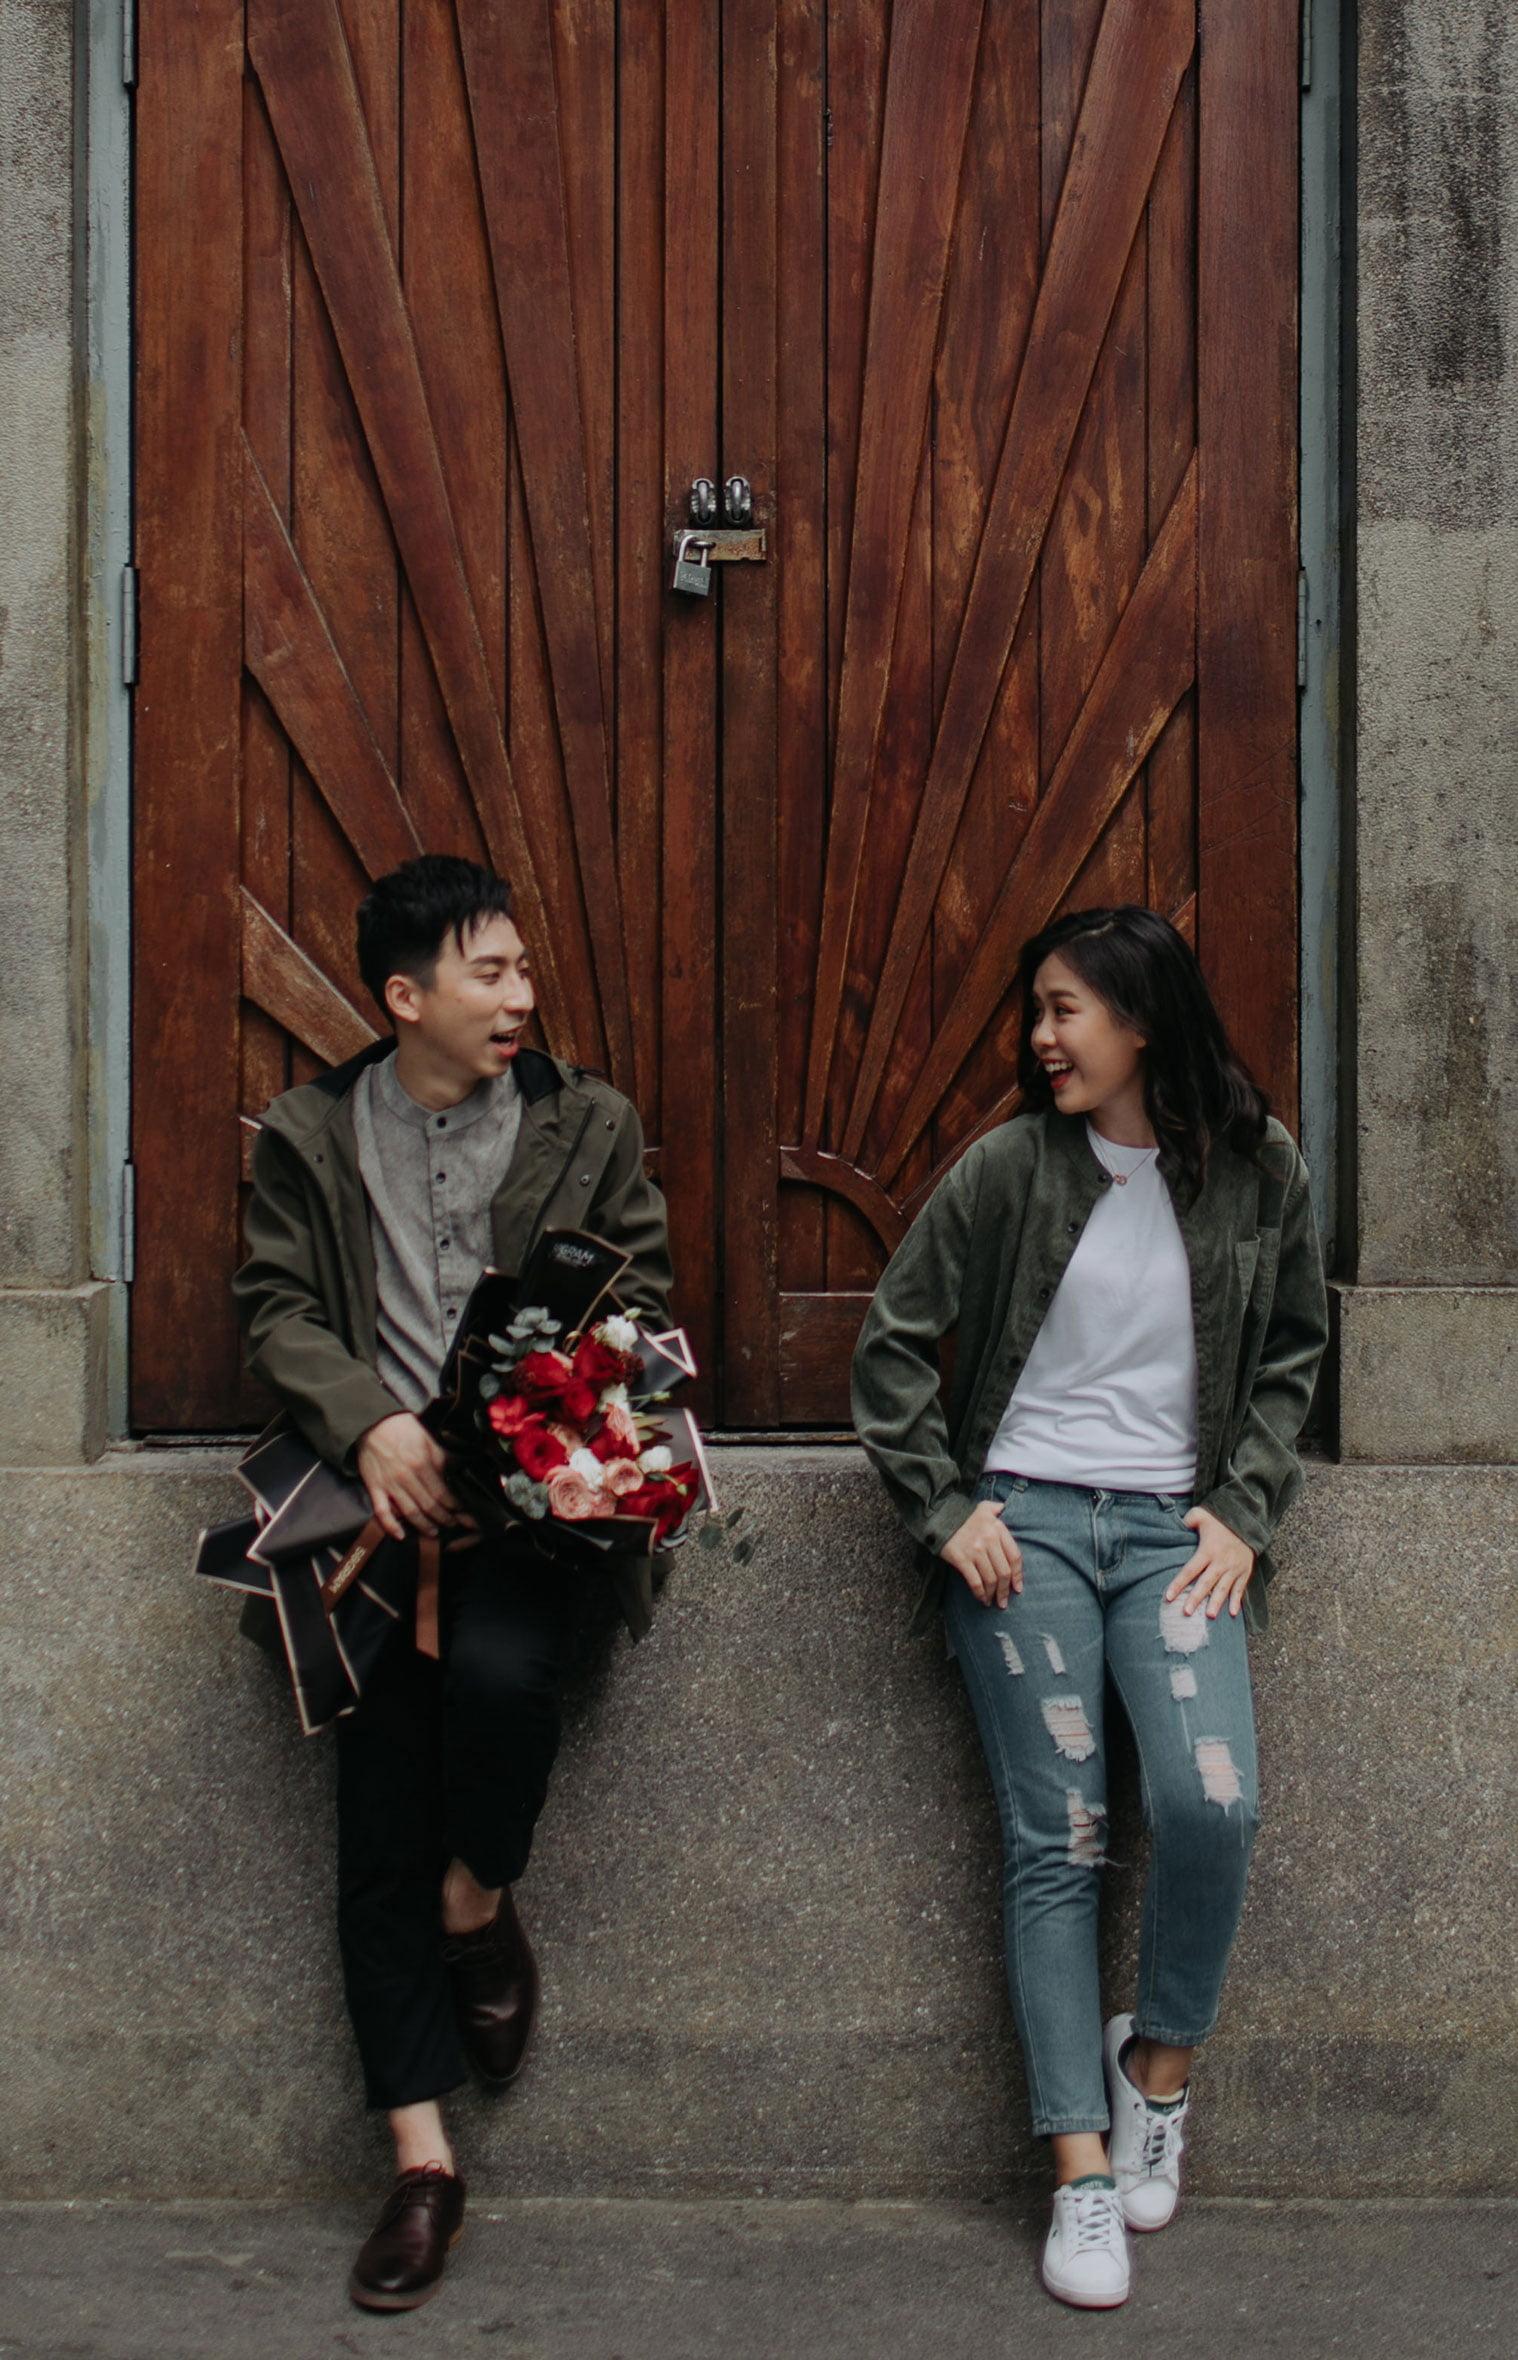 Infinite Love Valentines Bouquet Description 1